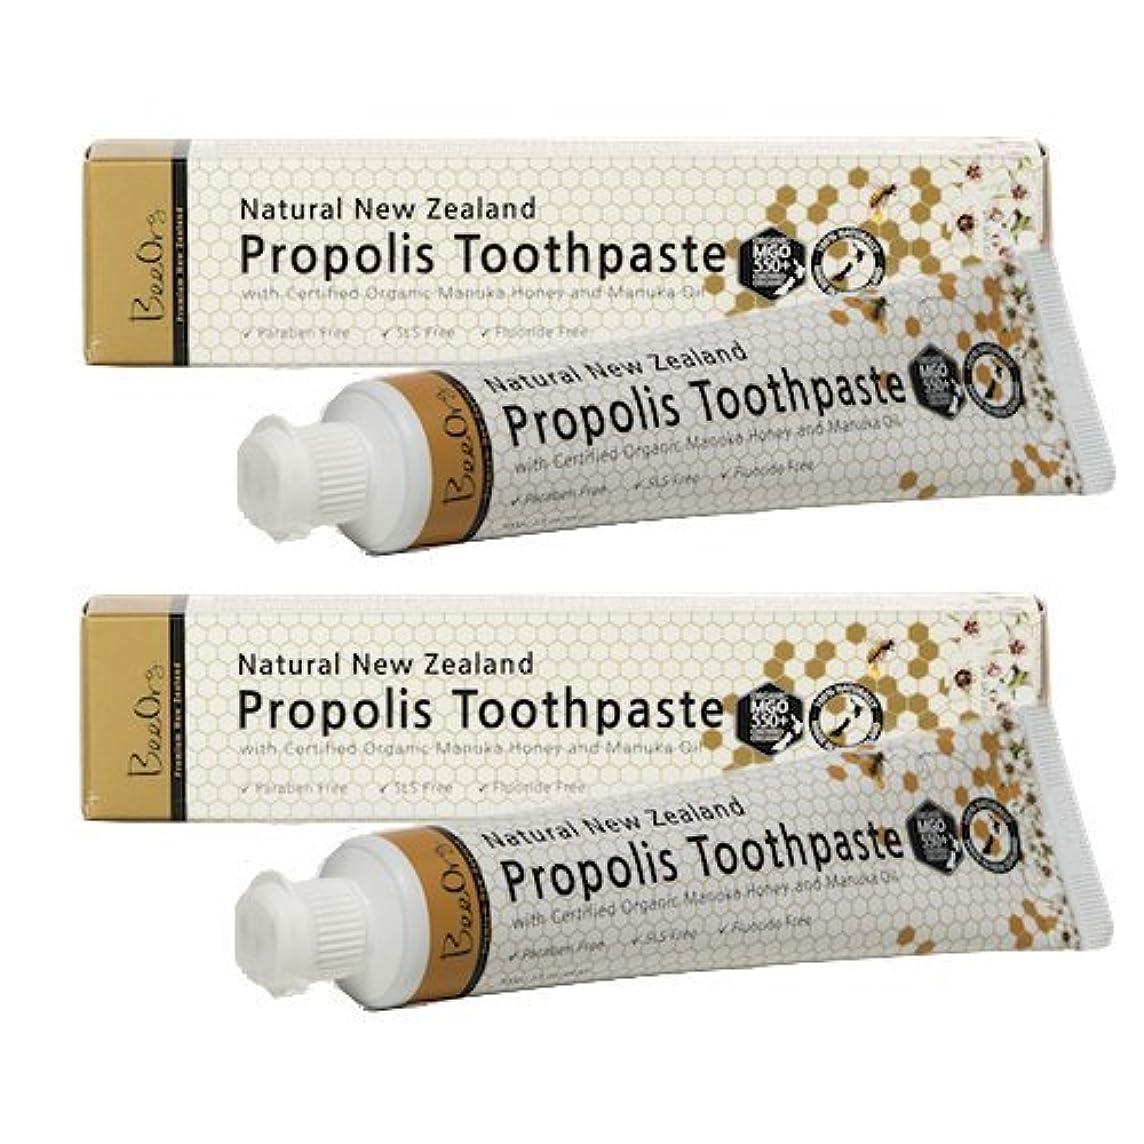 ペース敏感なムスプロポリス&オーガニック認定マヌカハニーwithマヌカオイル歯磨き 2本セット